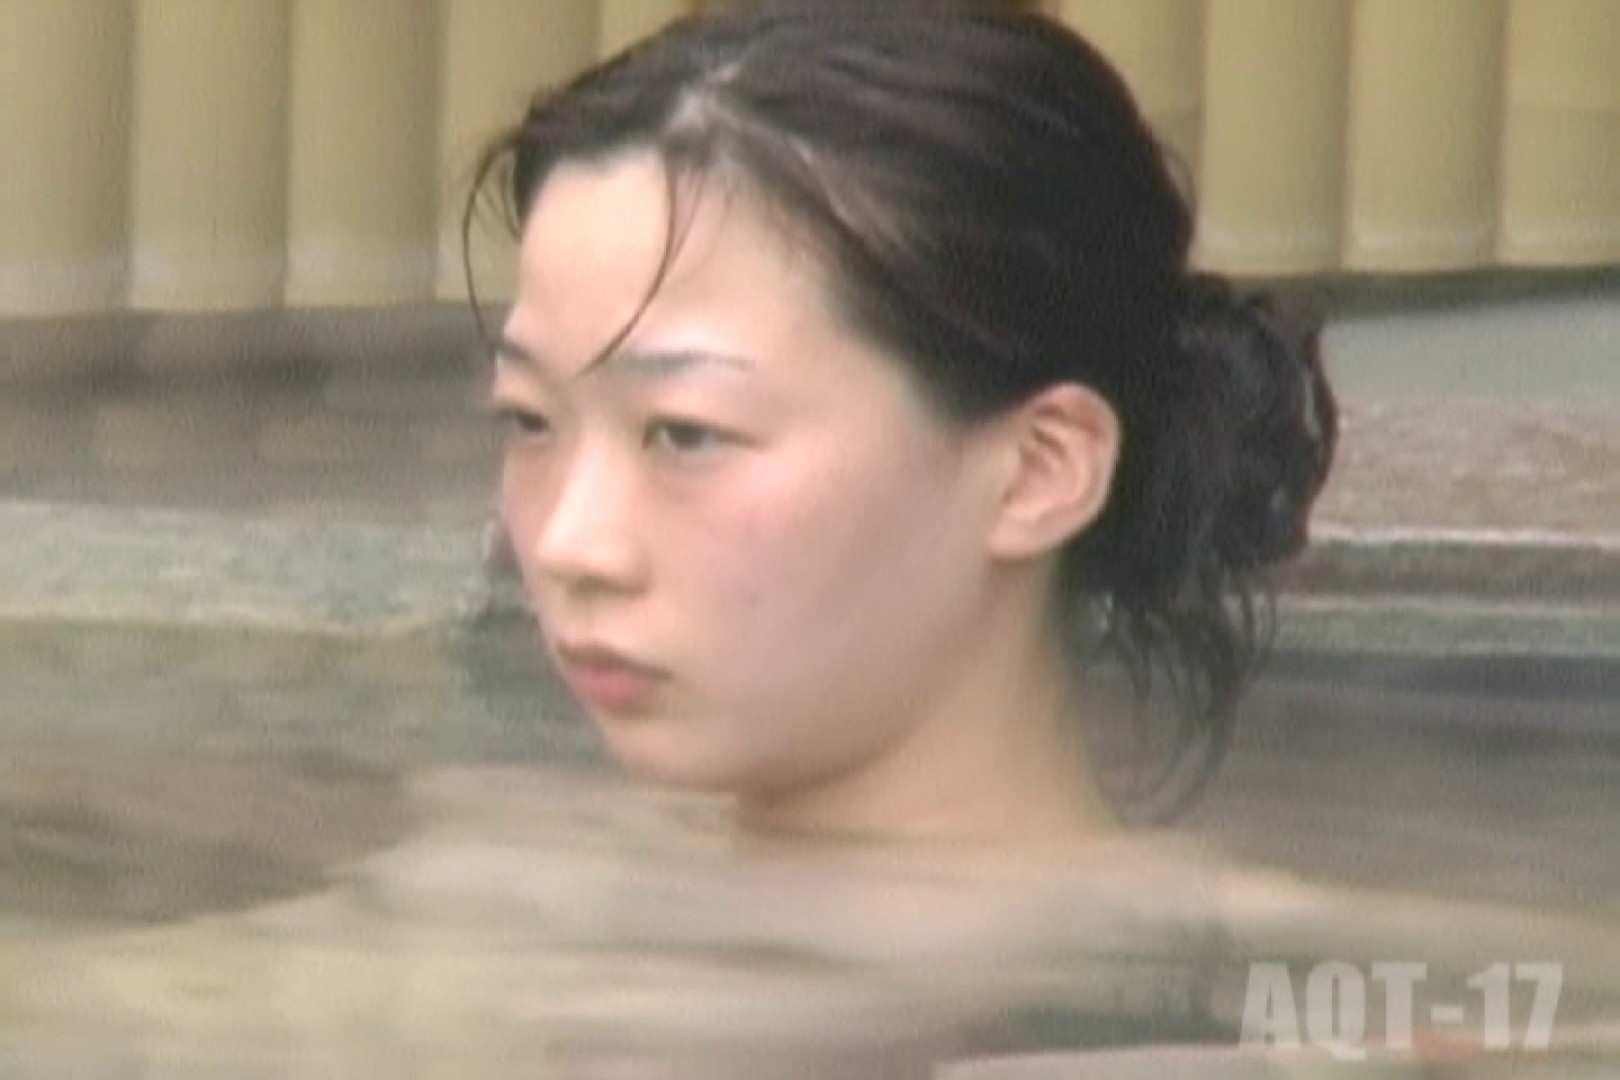 Aquaな露天風呂Vol.848 盗撮師作品   美しいOLの裸体  86pic 82